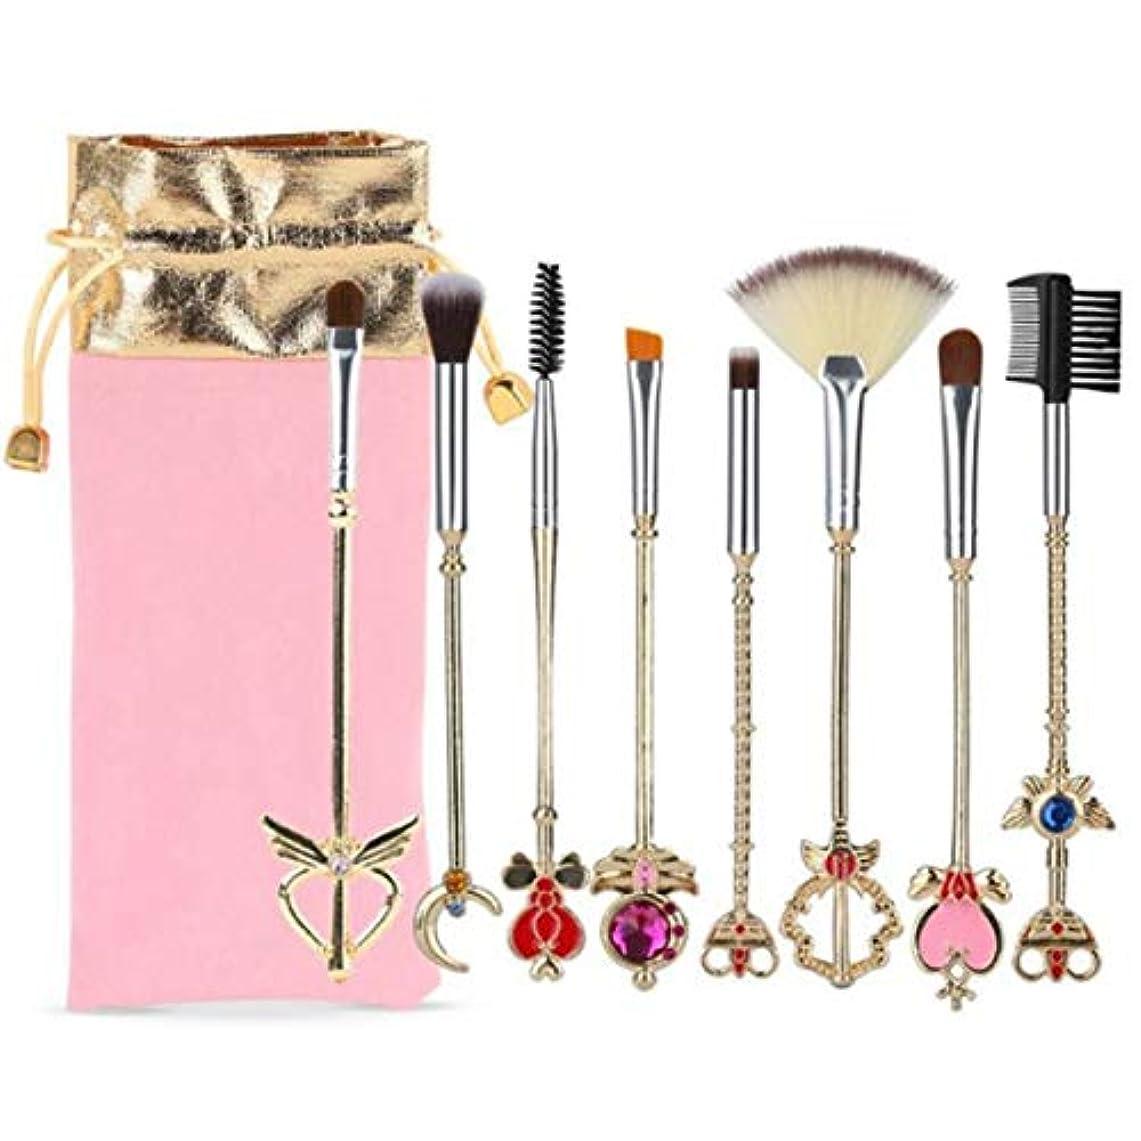 連隊縫い目魔術Yoshilimen 元8 PCセーラームーンメイクアップブラシポーチ、魔法の女の子ゴールドカードターサクラ化粧品ブラシとドローストリングバッグとセット